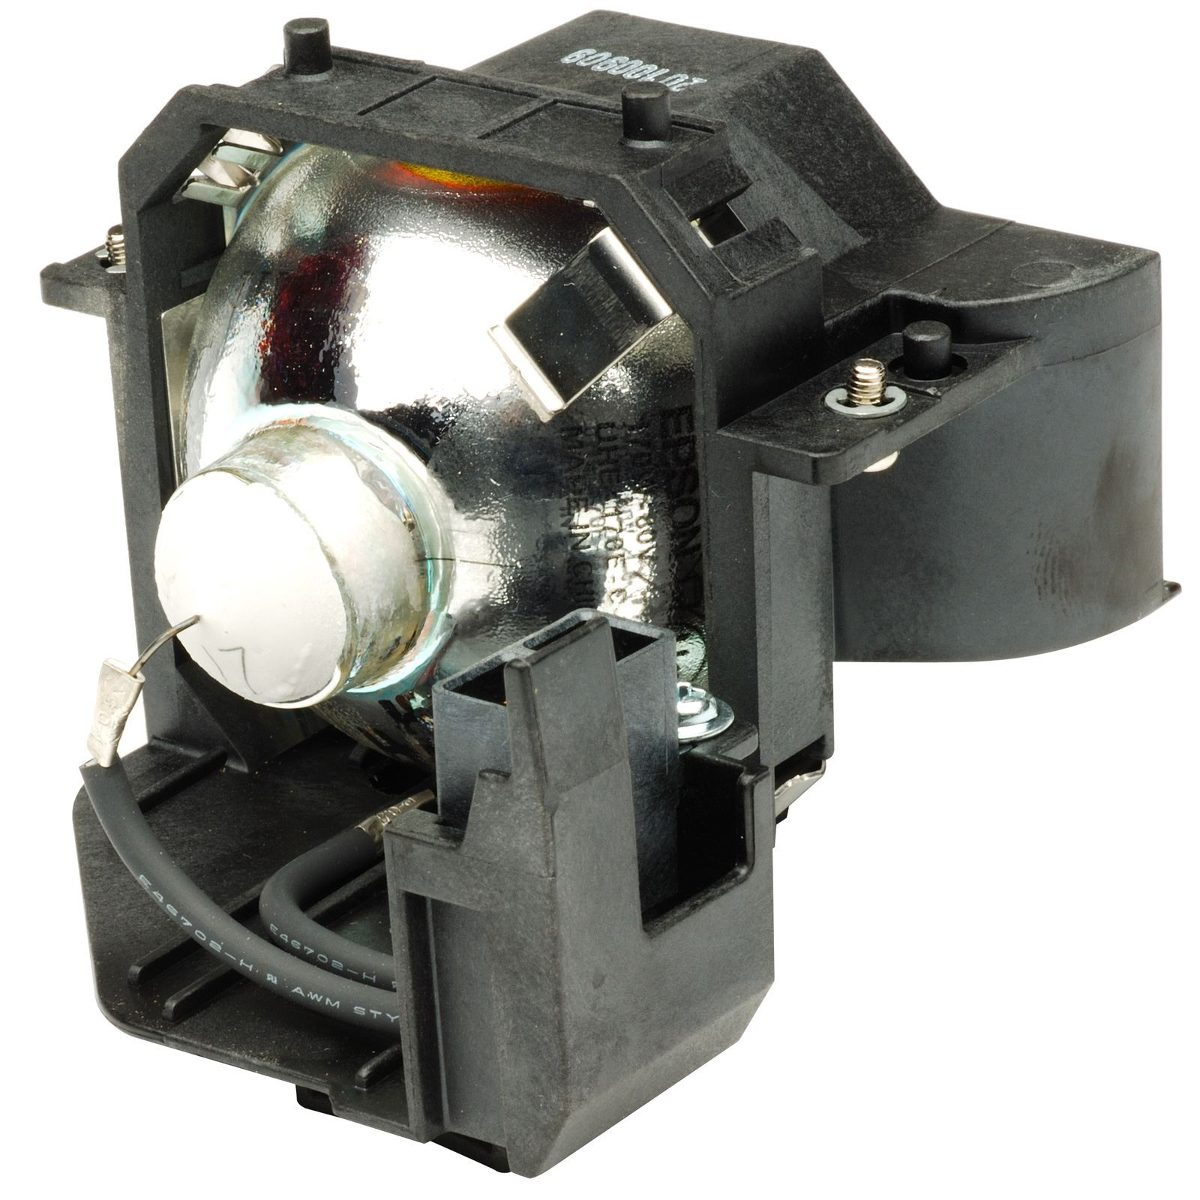 Elplp36 Lampara Proyector S42 S4 S4 Powerlite gvb6Yyf7